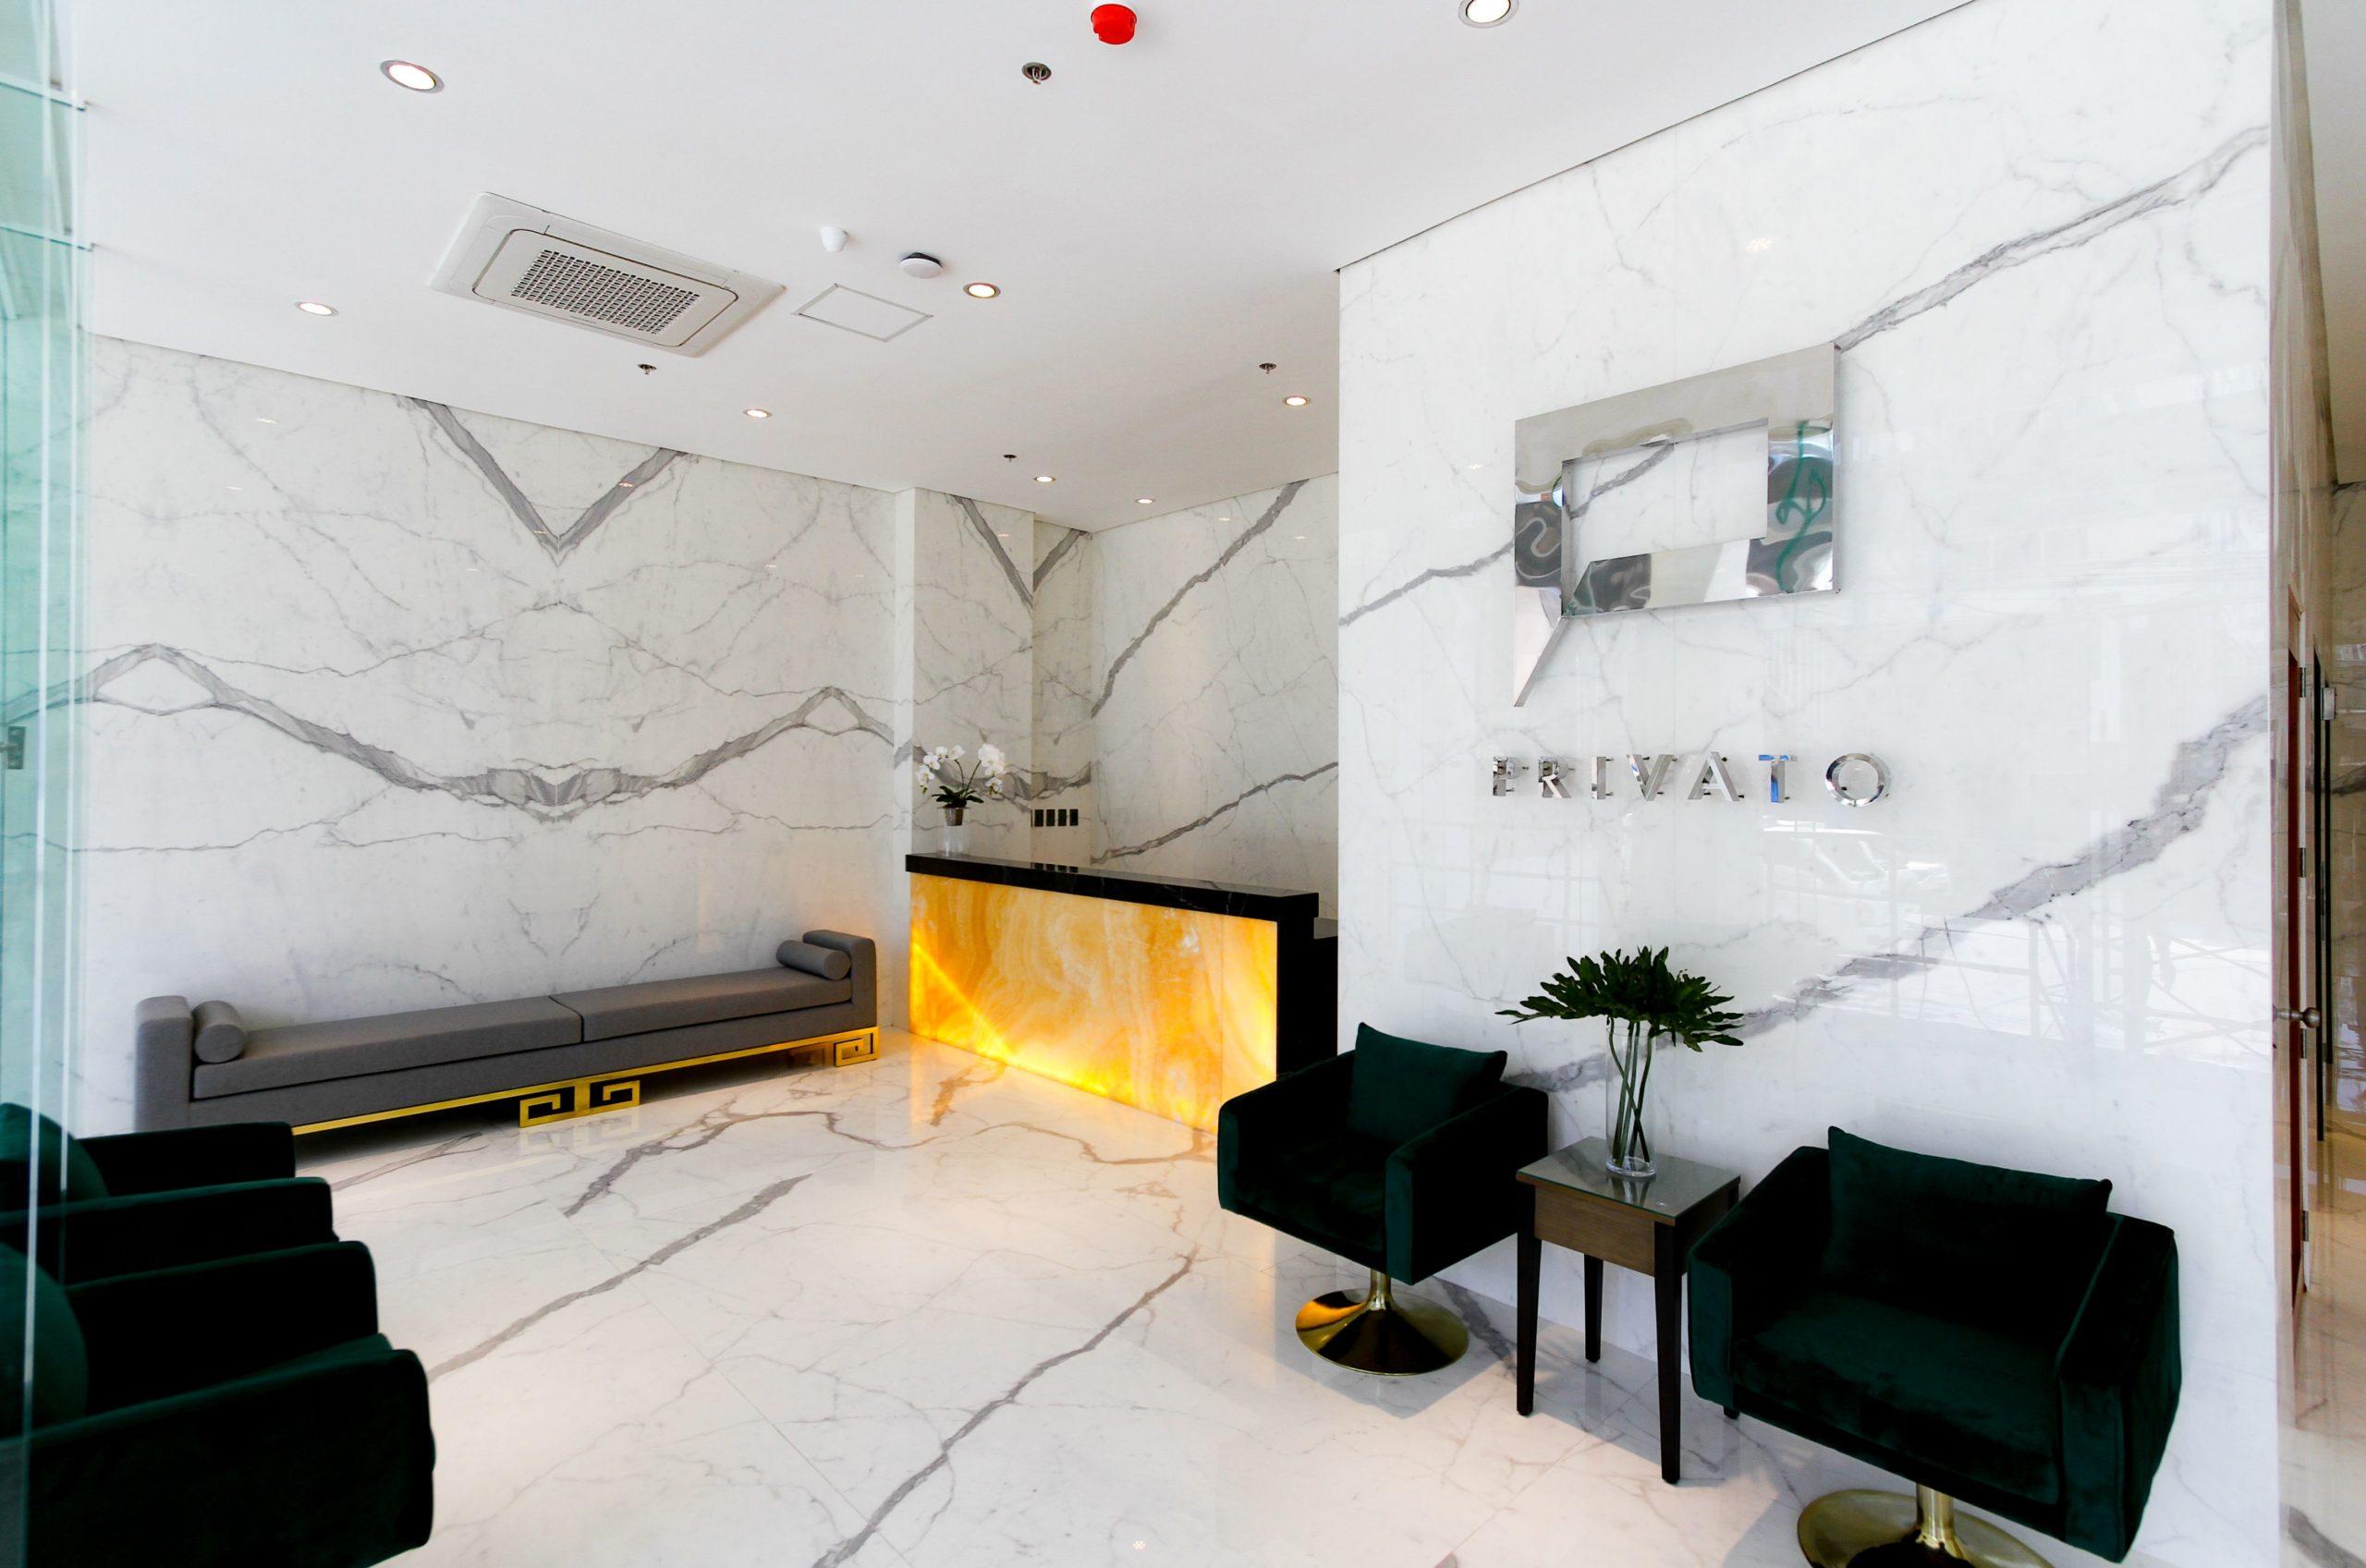 Privato opens 3rd hotel in Makati